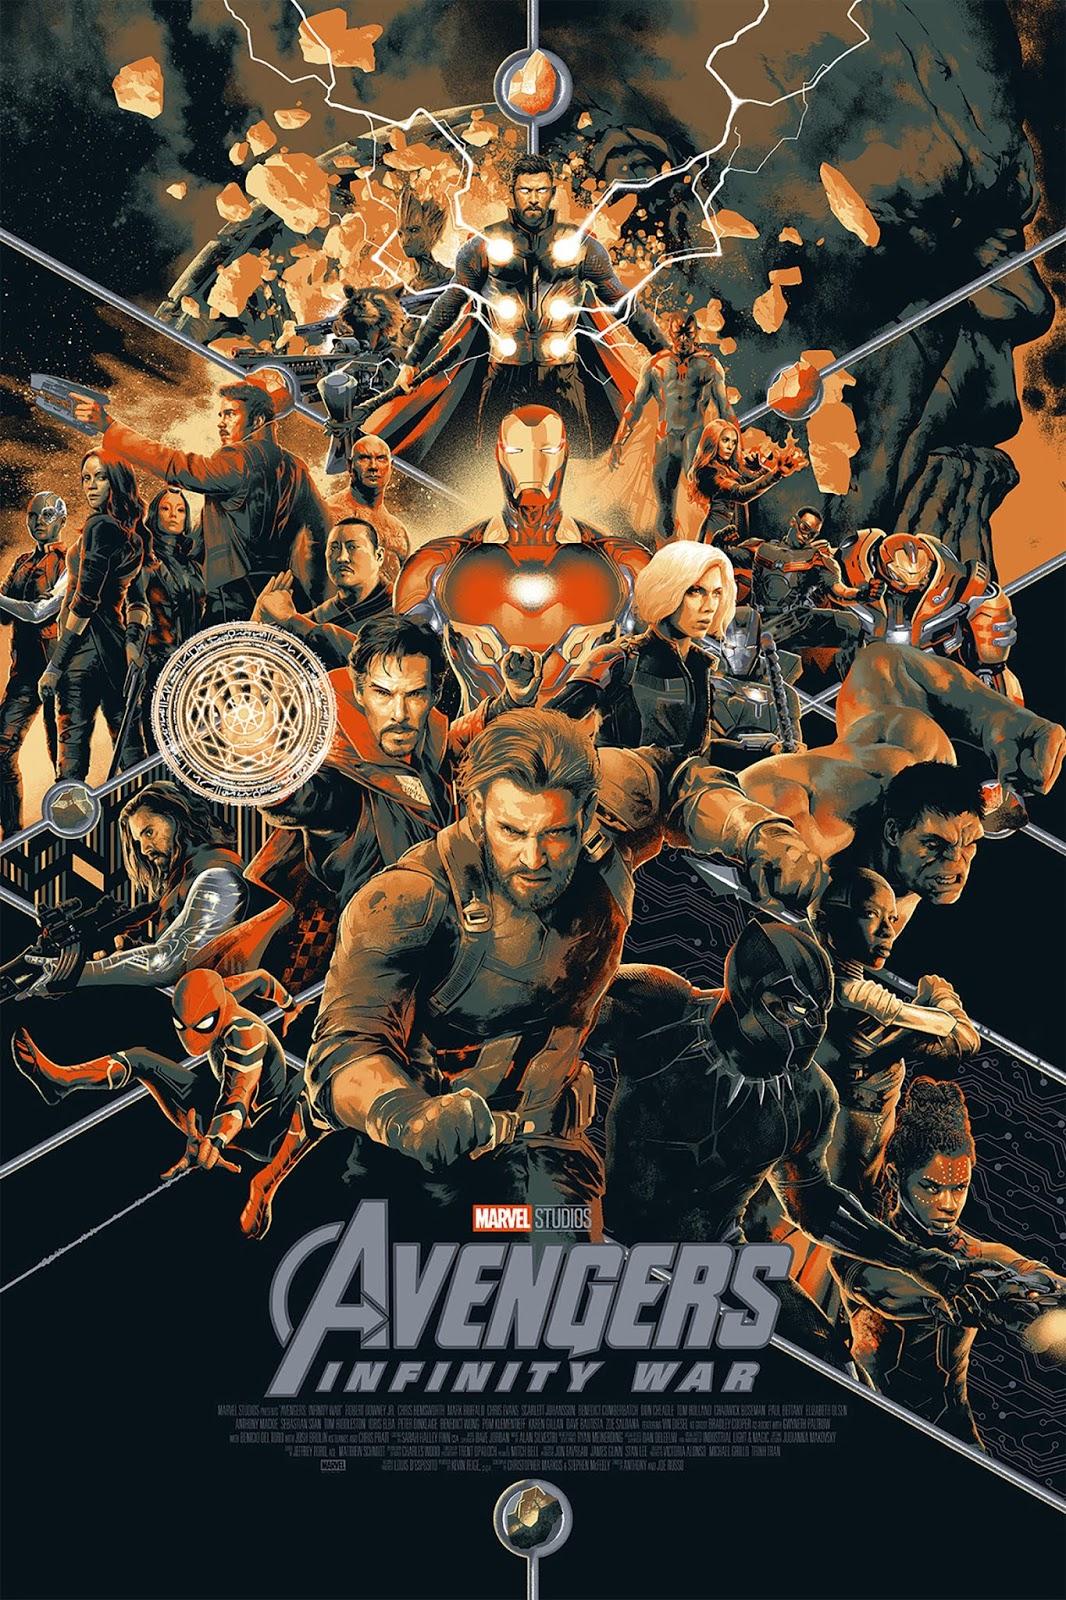 Comics Self-Conscious X-men Wonder Woman Avengers Artist Tyler Kirkham Signed Avengers Art Print 2 Set Original Comic Art